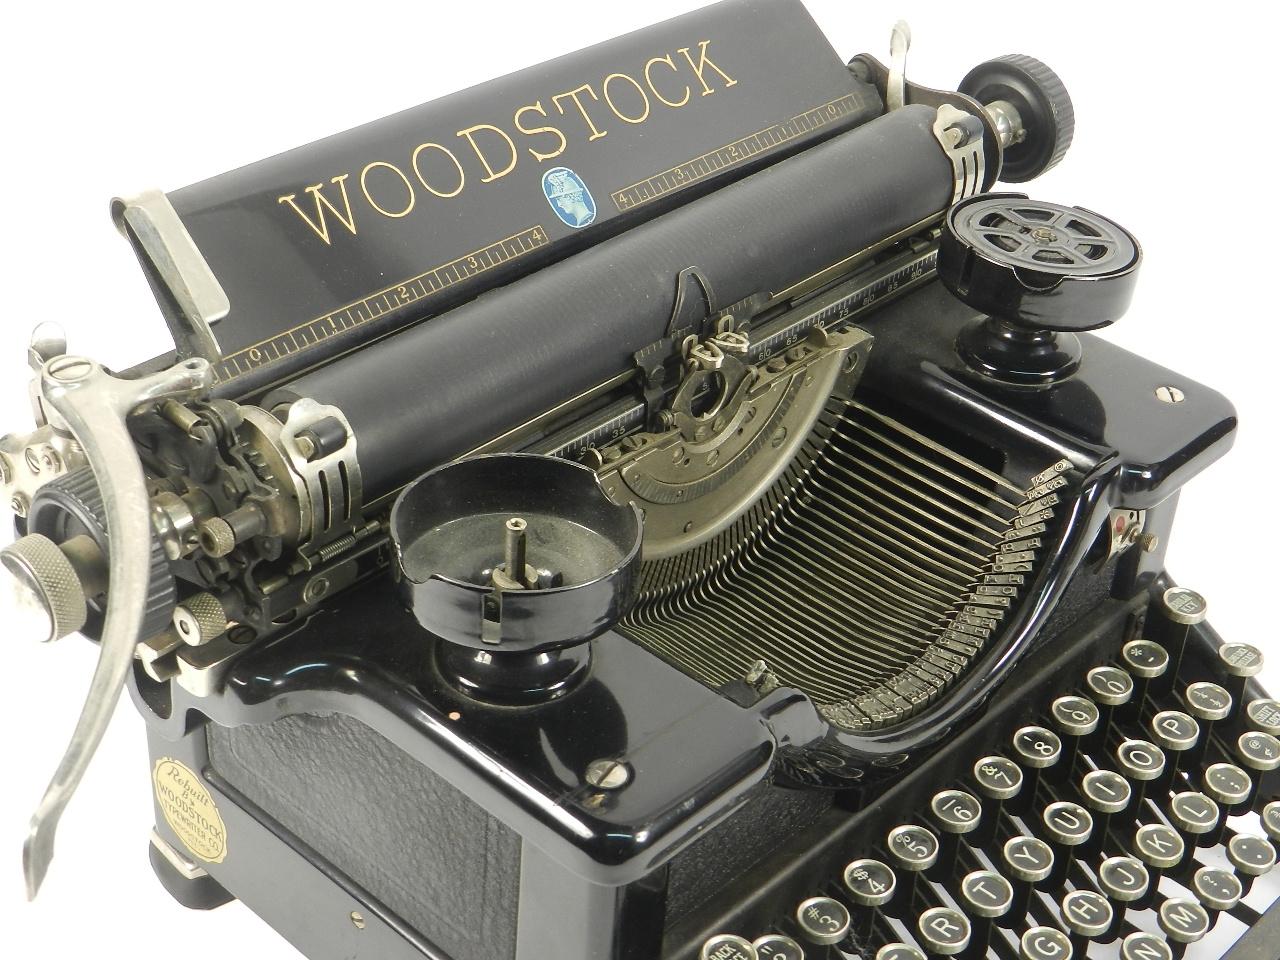 Imagen WOODSTOCK  Nº5 AÑO 1925 37539